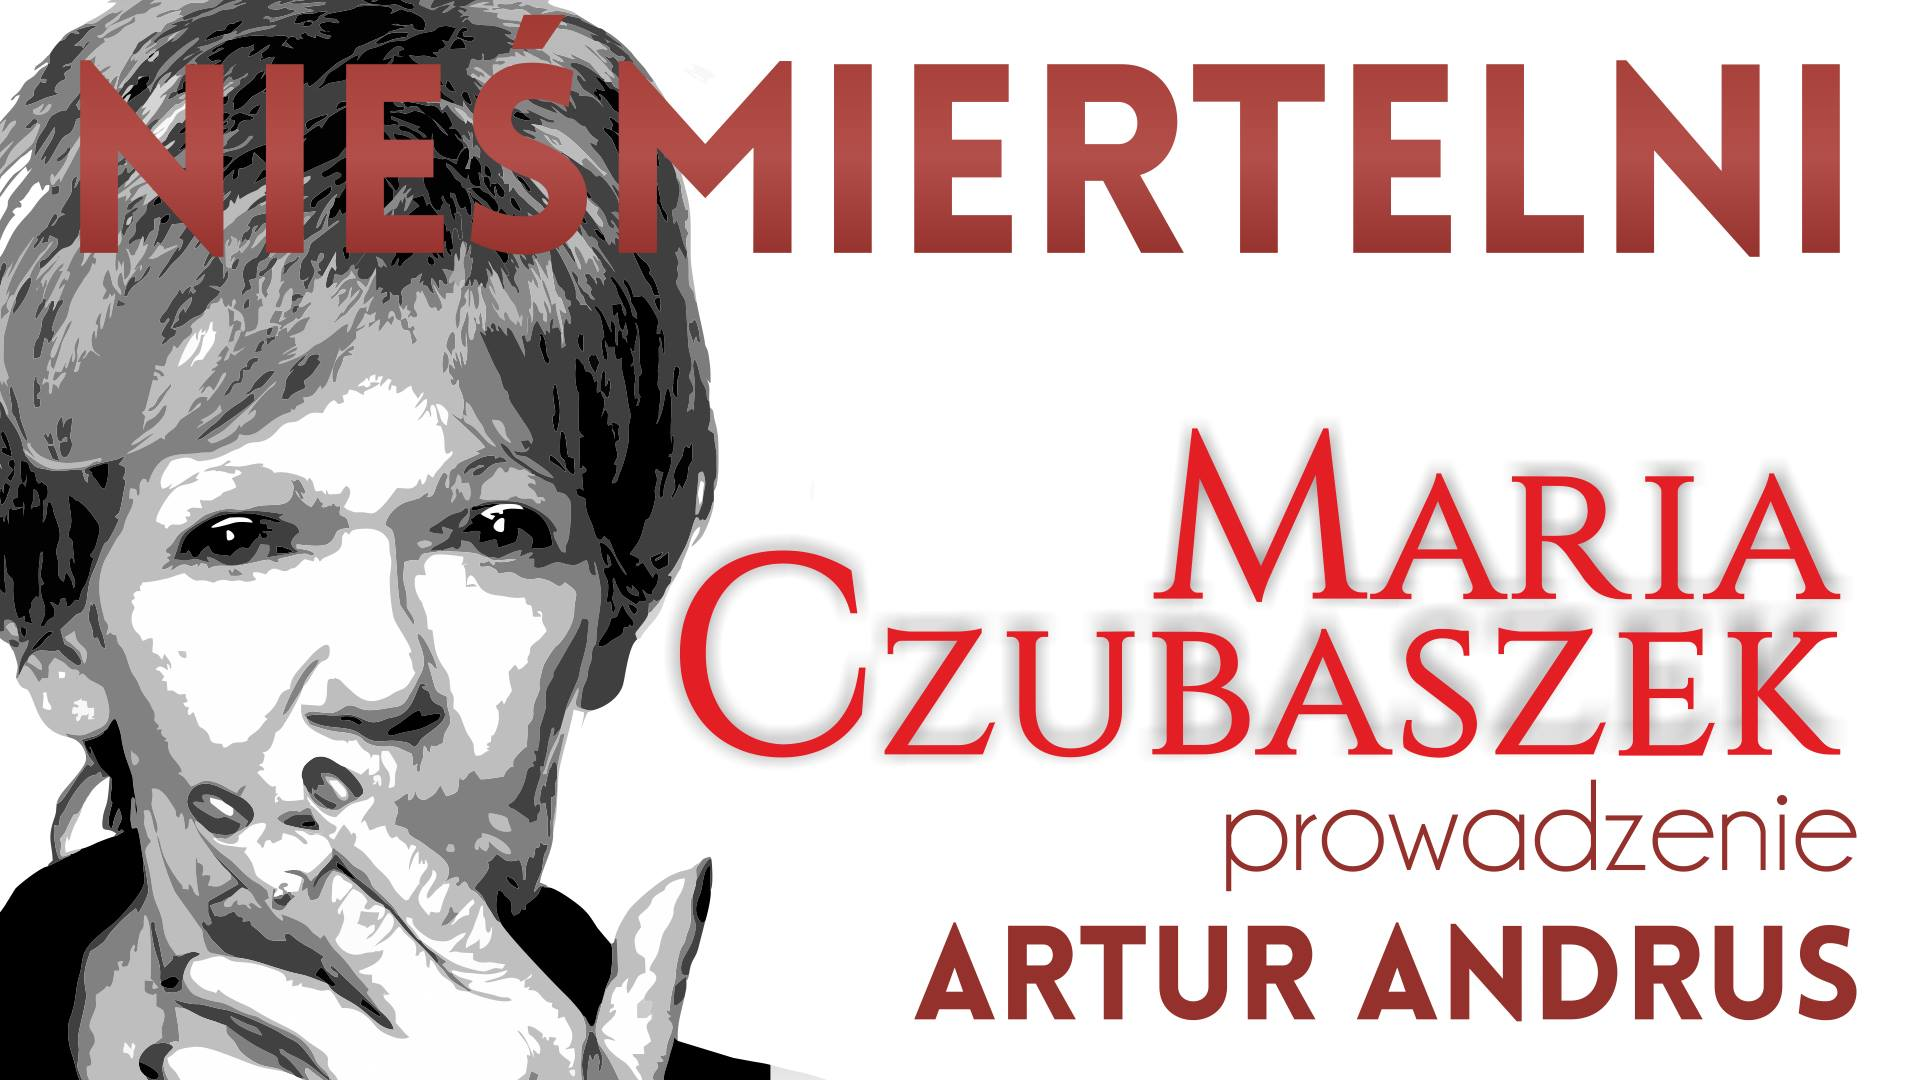 """Maria Czubaszek, cykl """"Nieśmiertelni"""" (źródło: materiały prasowe organizatora)"""